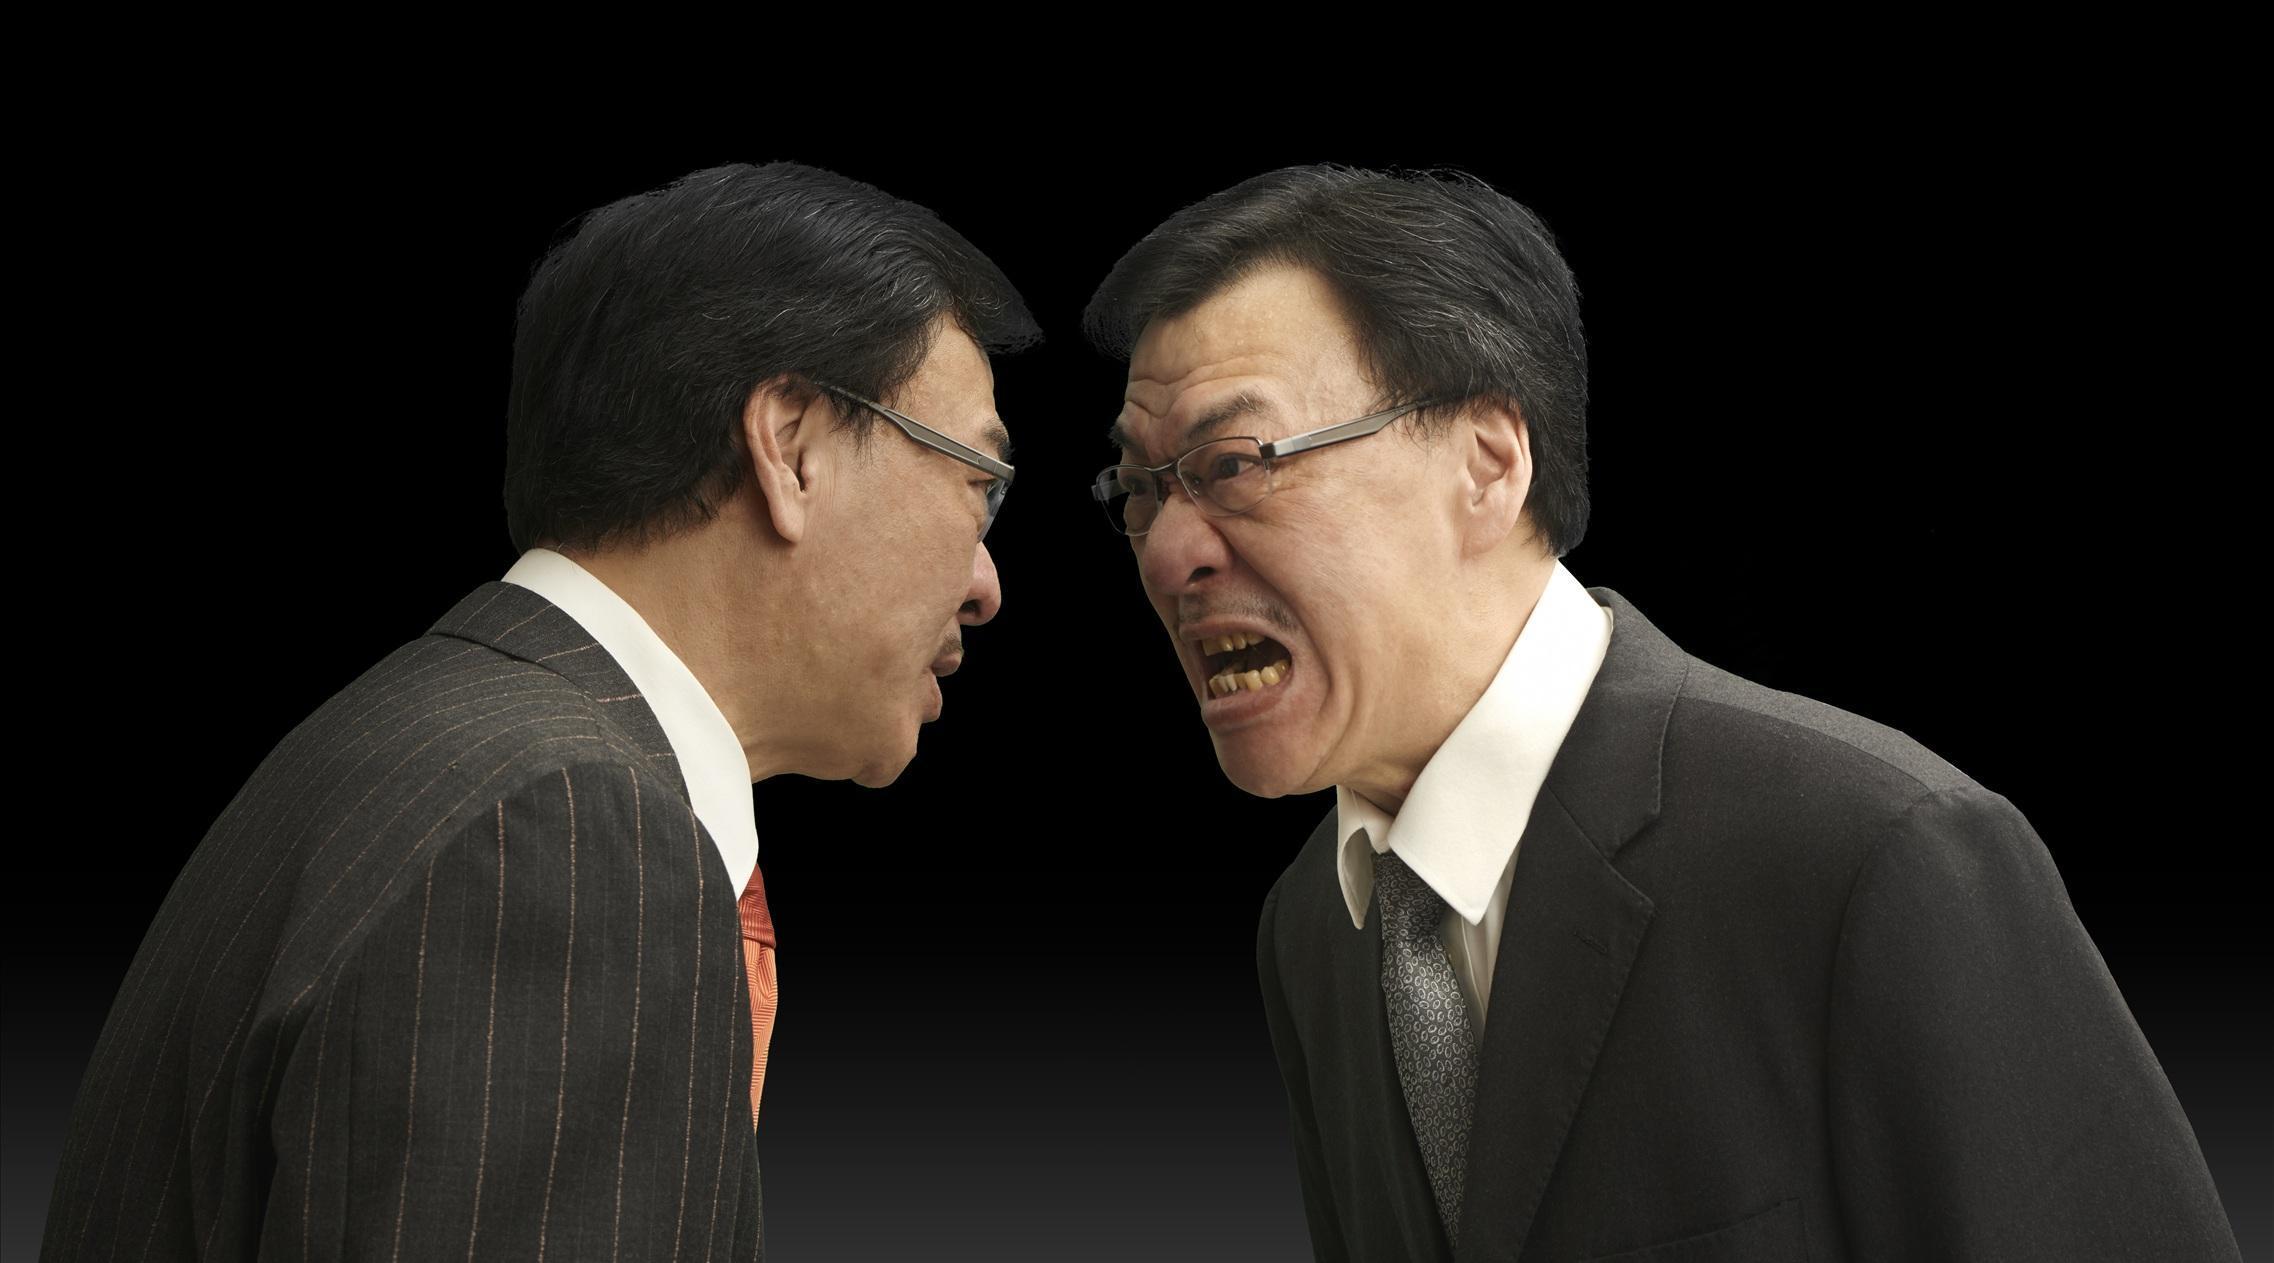 梦见与老板吵架是什么意思_梦到与老板吵架好不好_大鱼解梦网